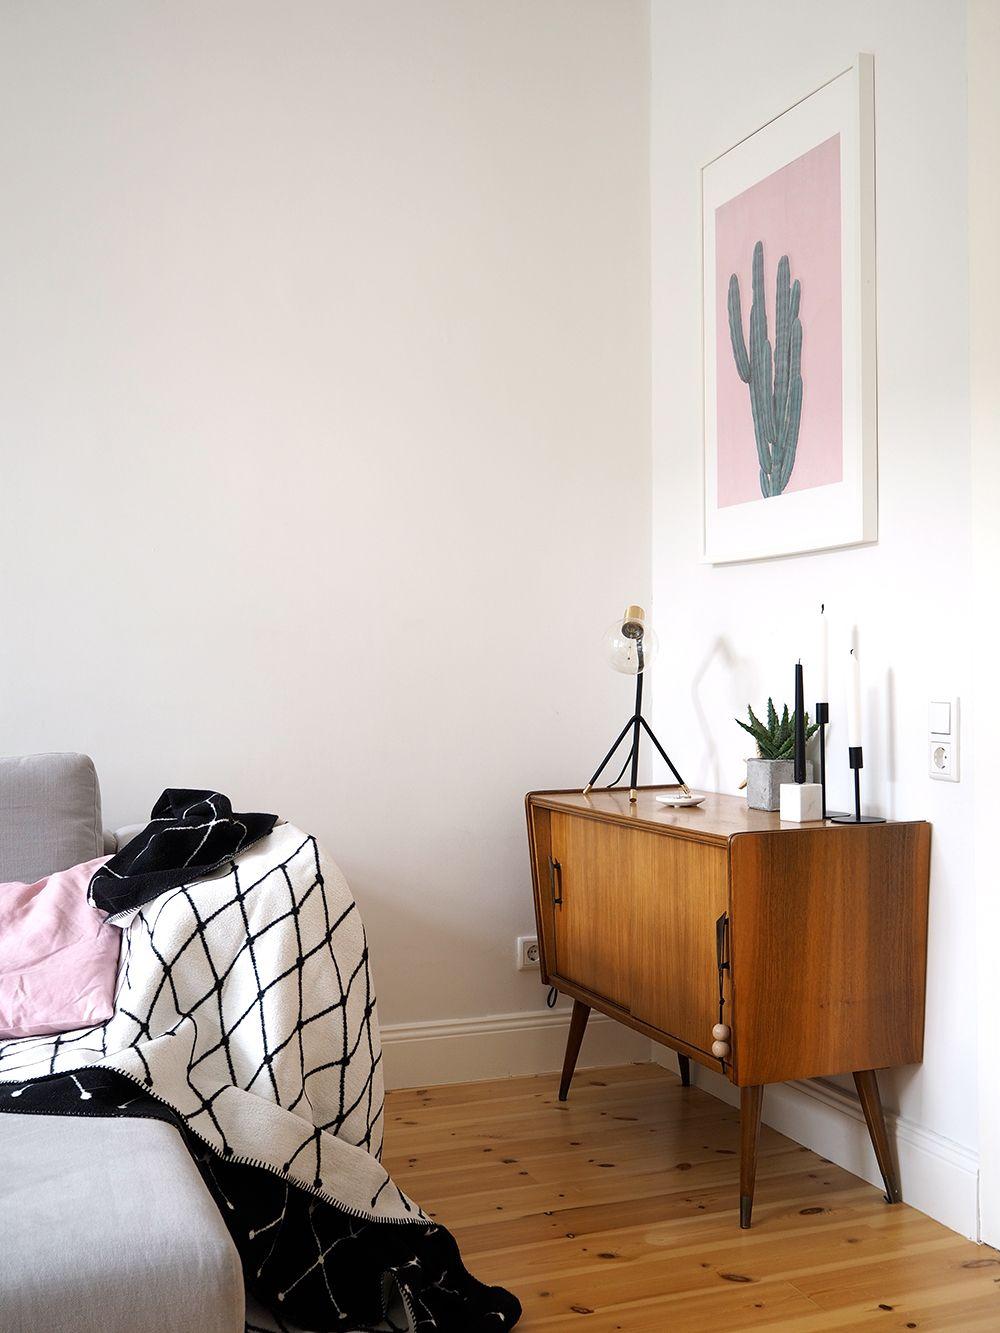 5 einrichtungstipps f r kleine wohnzimmer home pinterest living room room y small living - Einrichtungstipps wohnzimmer ...